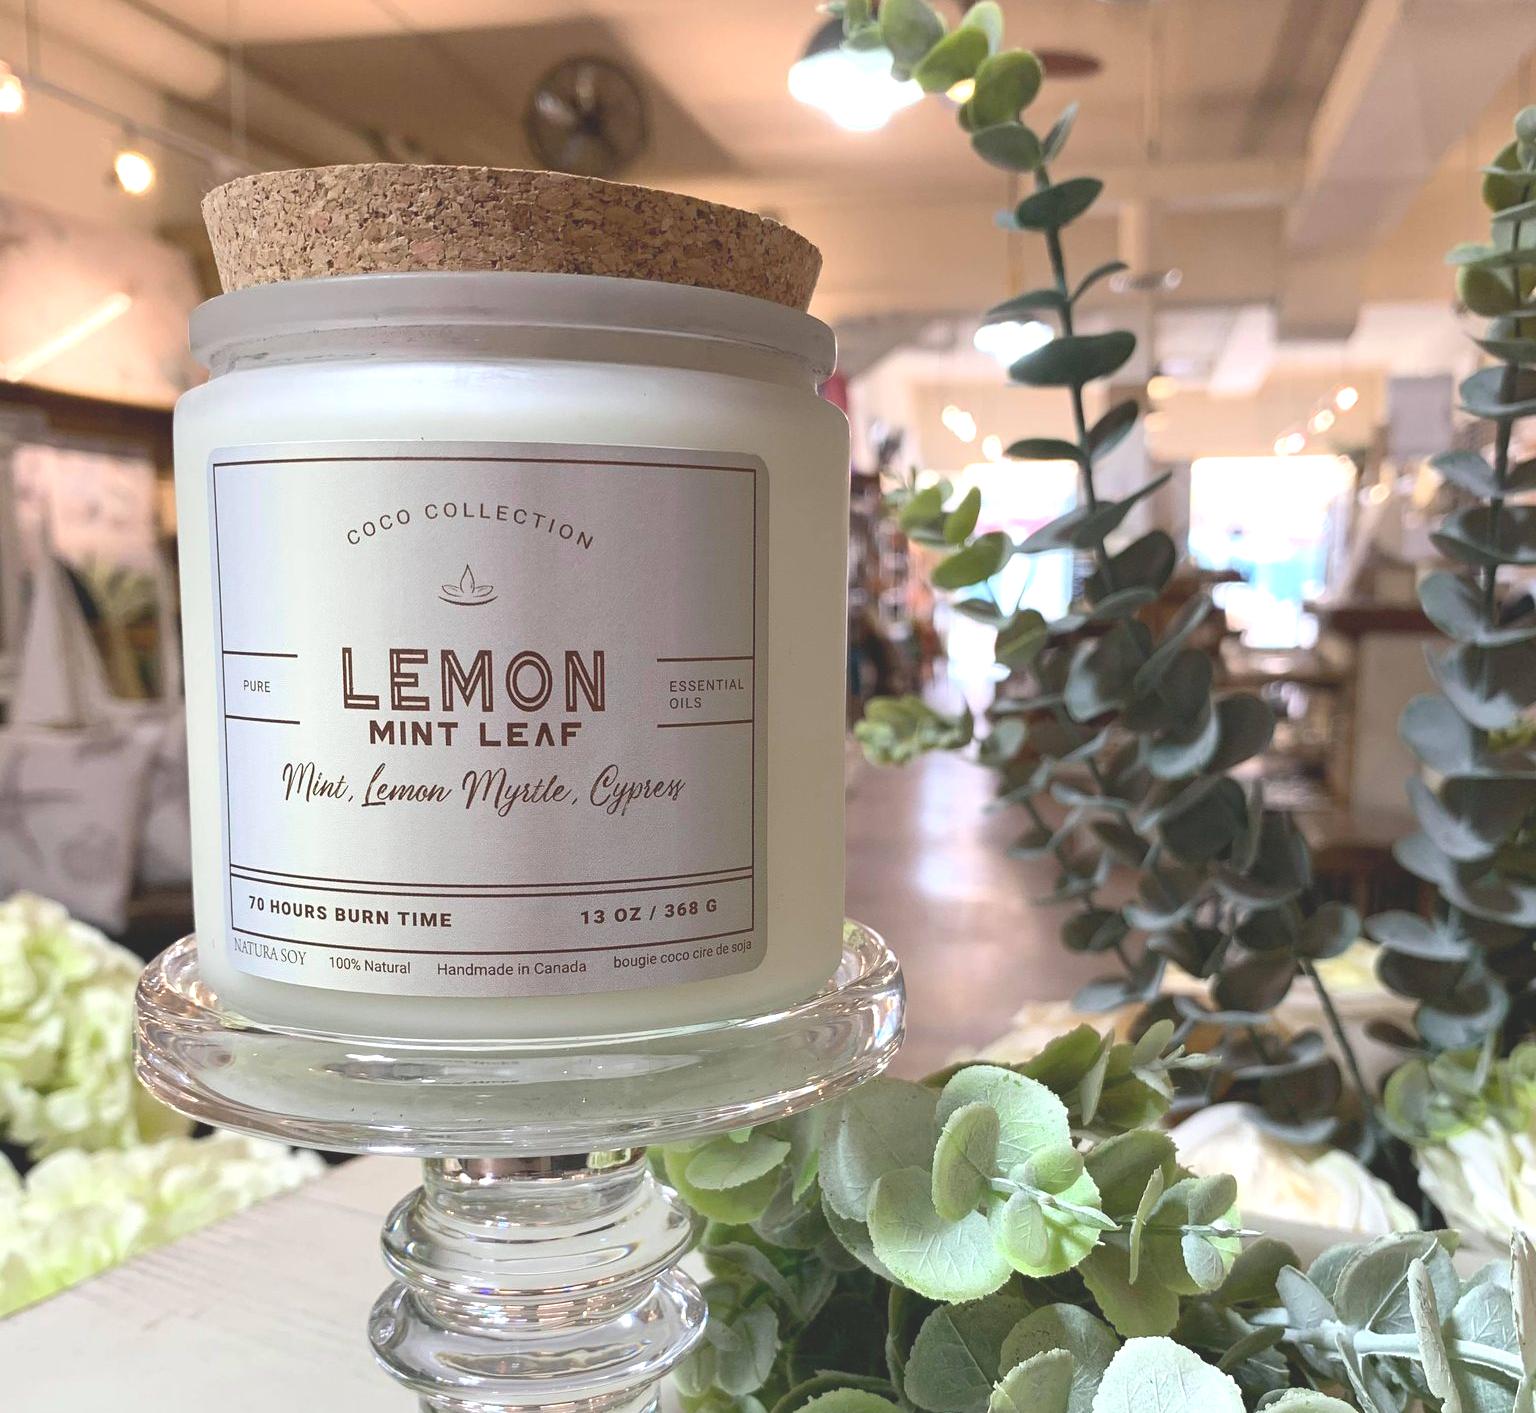 Lemon Mint Leaf Mint, Lemon Myrtle & Cypress